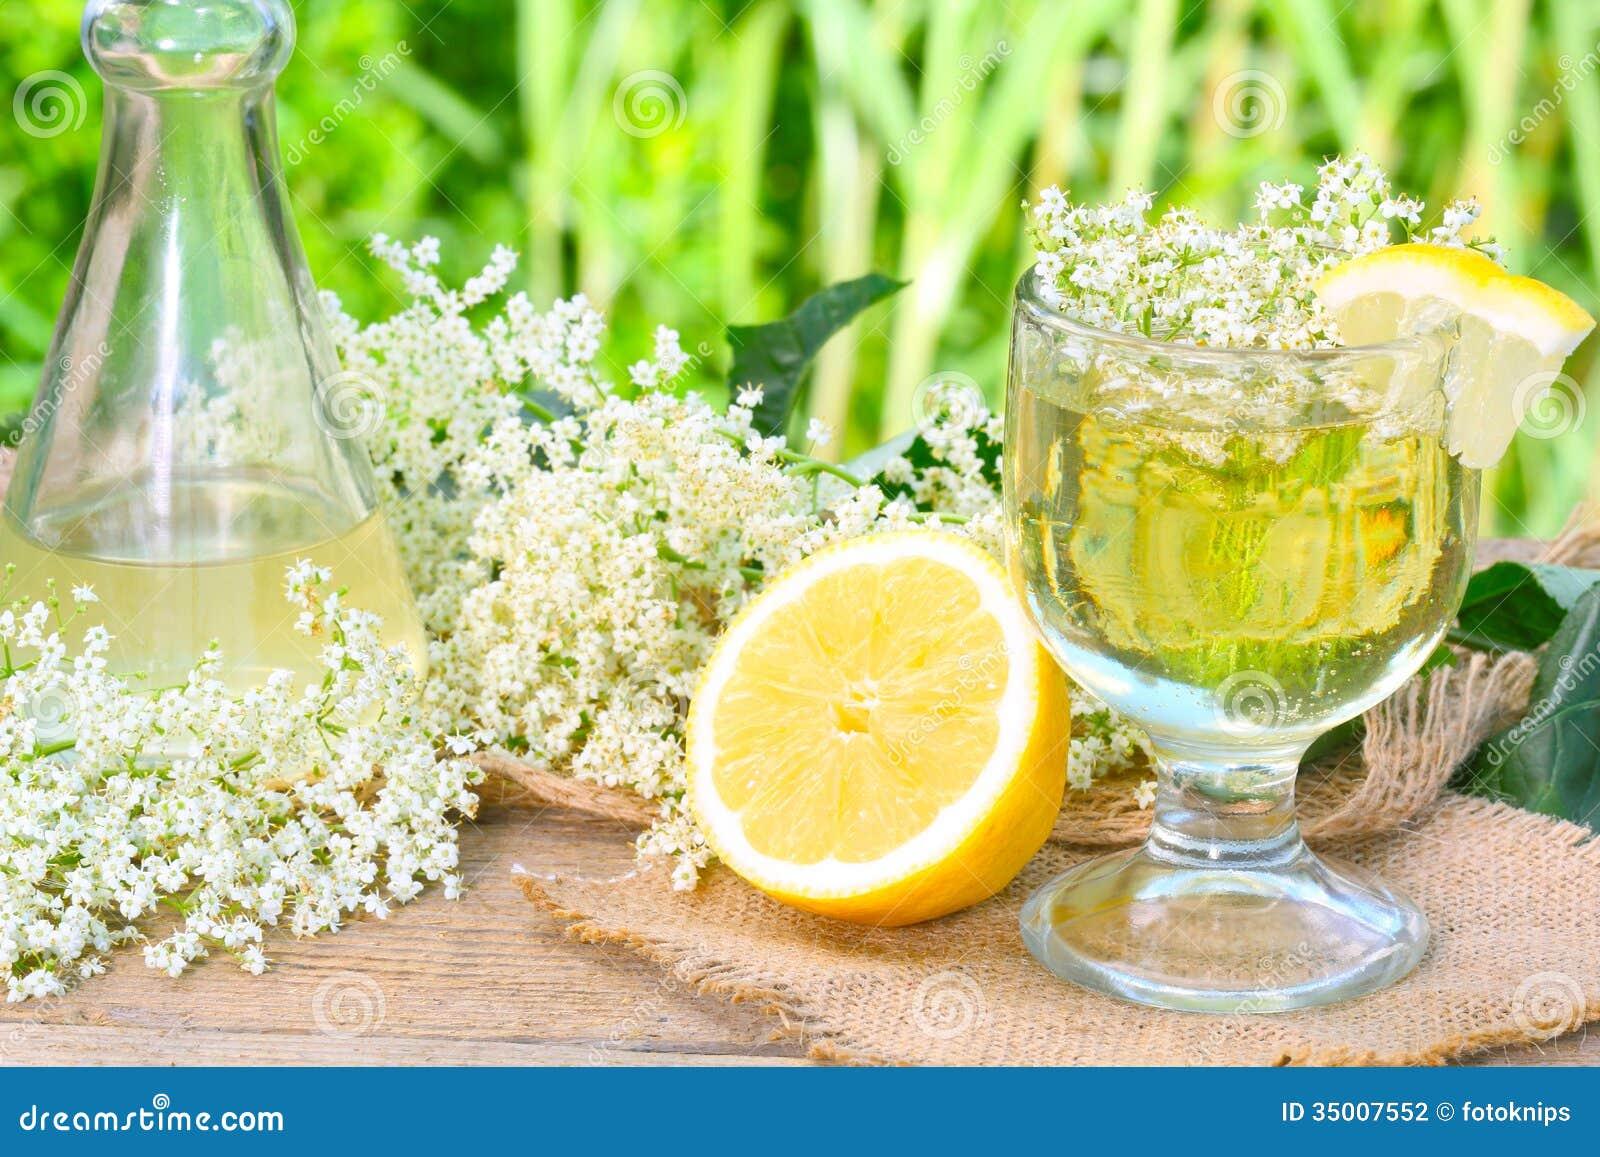 sirop de fleur de sureau photo stock image du boisson 35007552. Black Bedroom Furniture Sets. Home Design Ideas